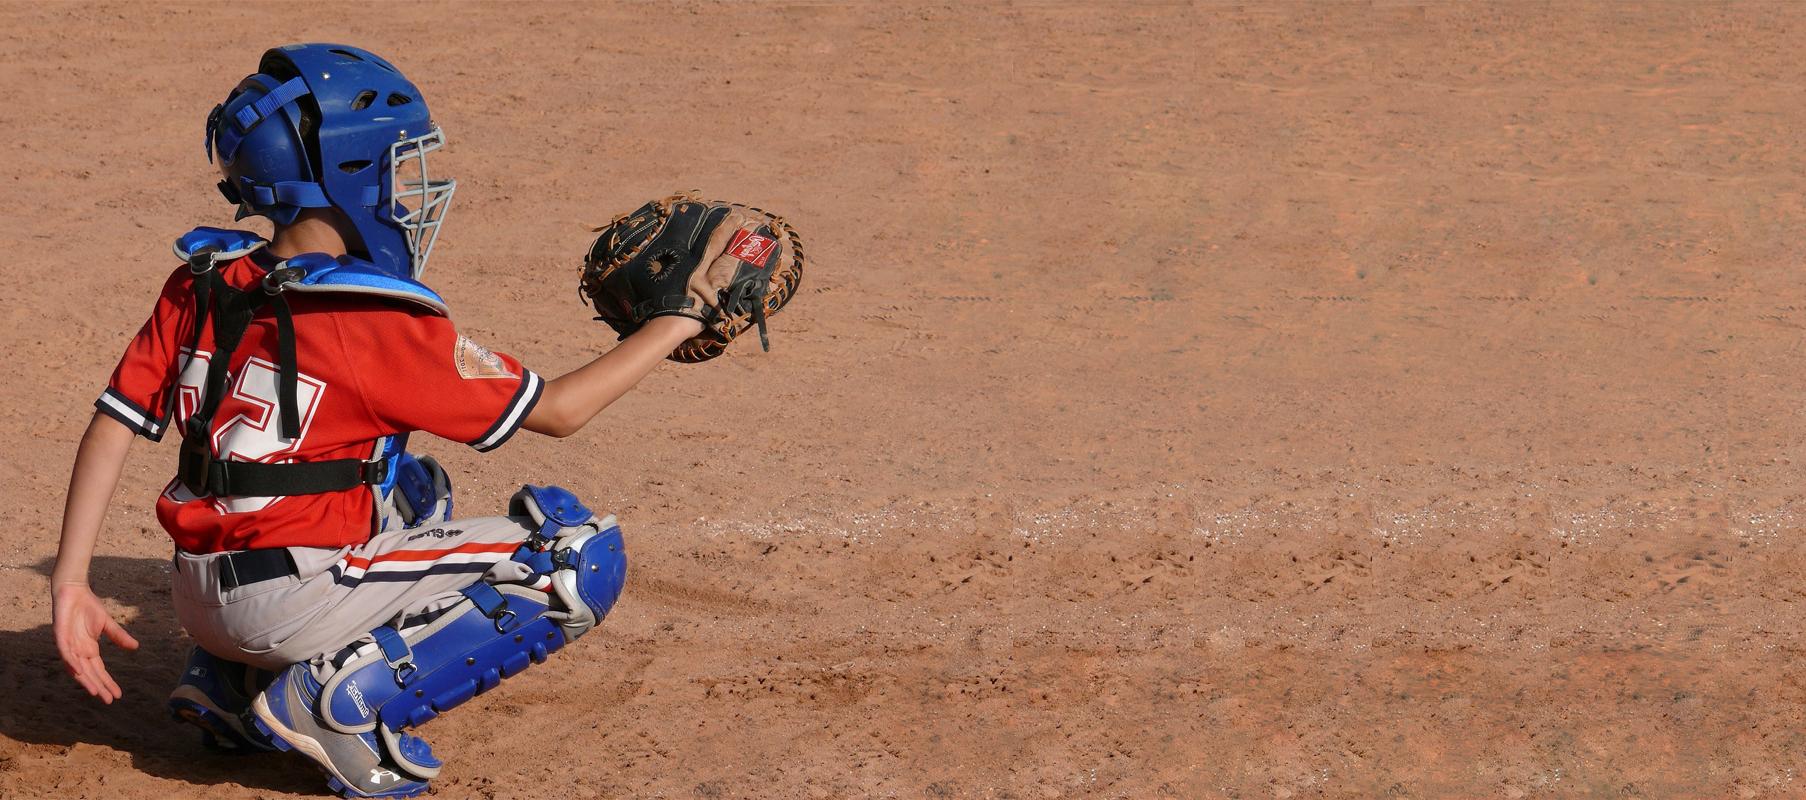 Baseball League Management Software